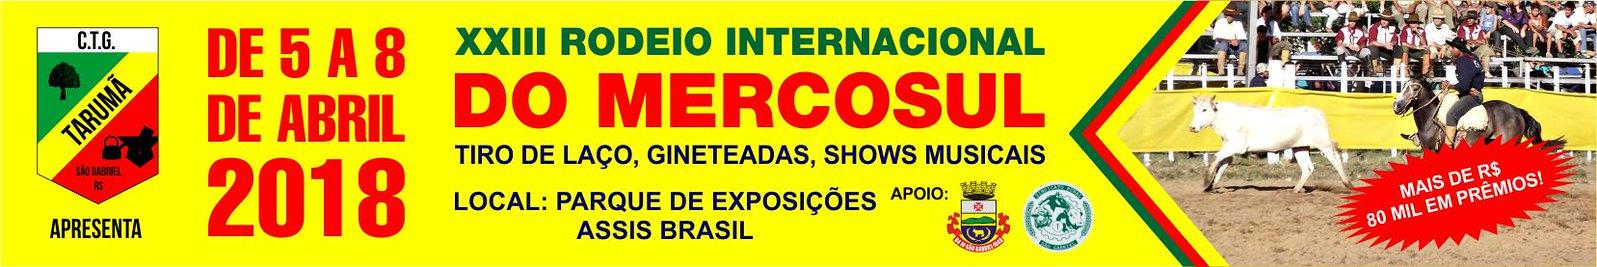 Anúncio XXIII Rodeio Internacional do Mercosul